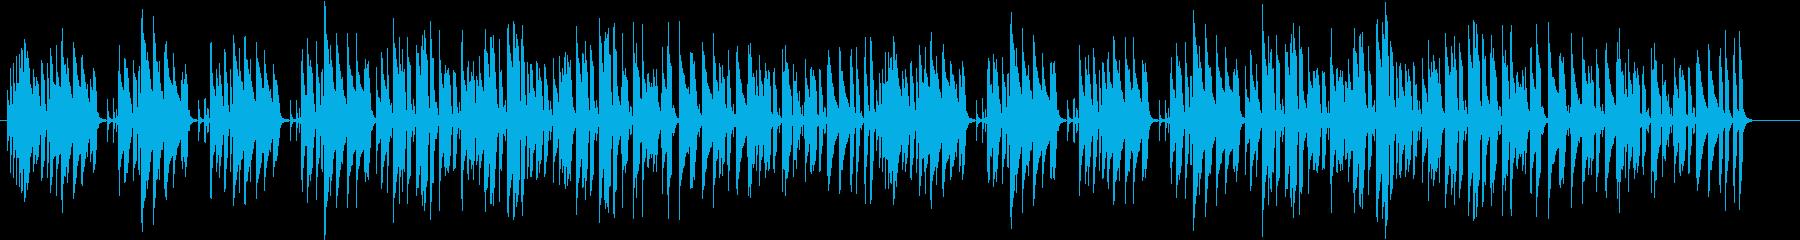 ほのぼのとウクレレでハッピーになれる曲♪の再生済みの波形